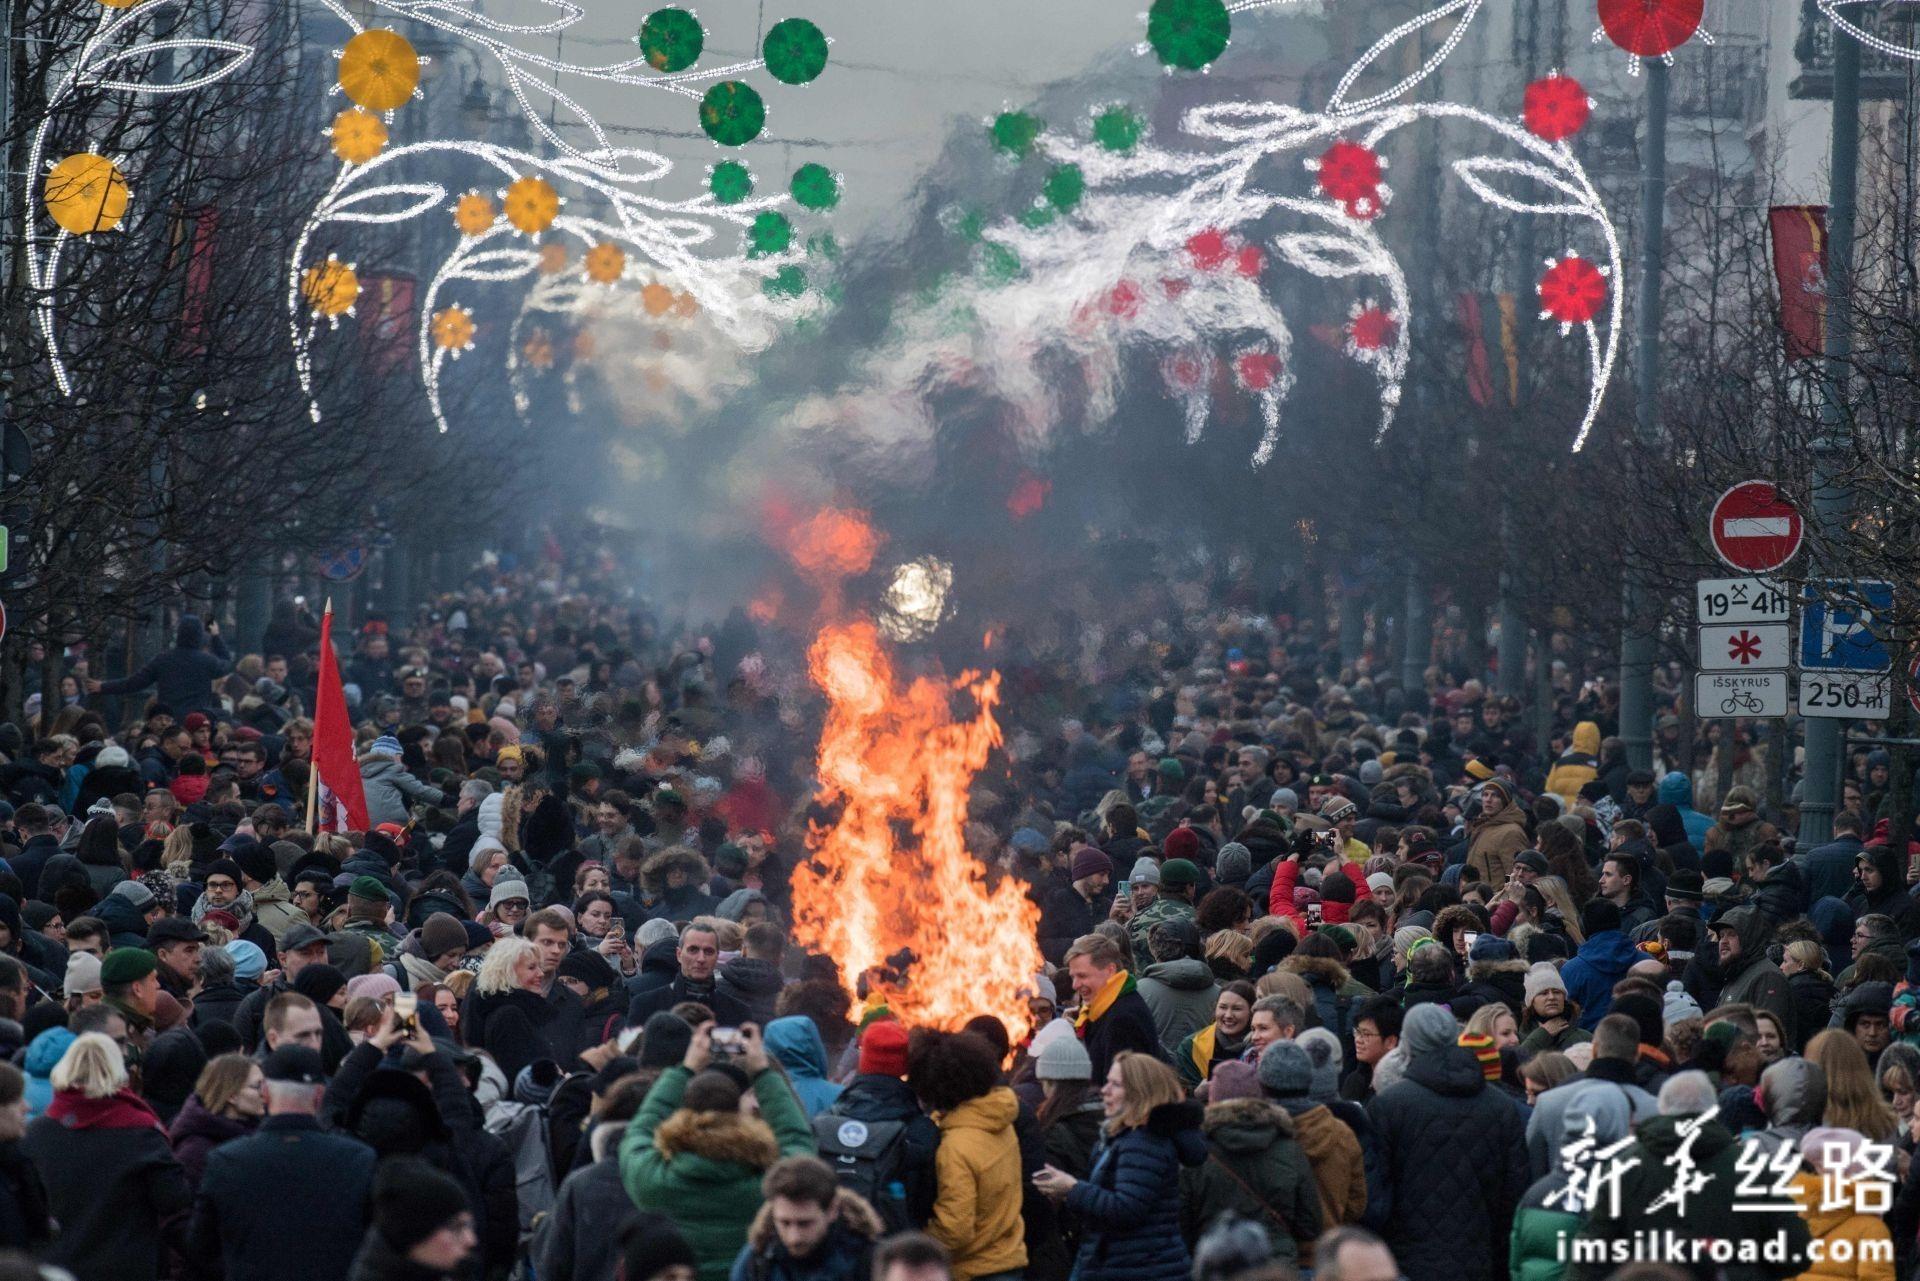 2月16日,在立陶宛首都维尔纽斯,民众围在篝火旁庆祝独立日。新华社发(阿尔弗雷达斯·普里亚迪斯摄)